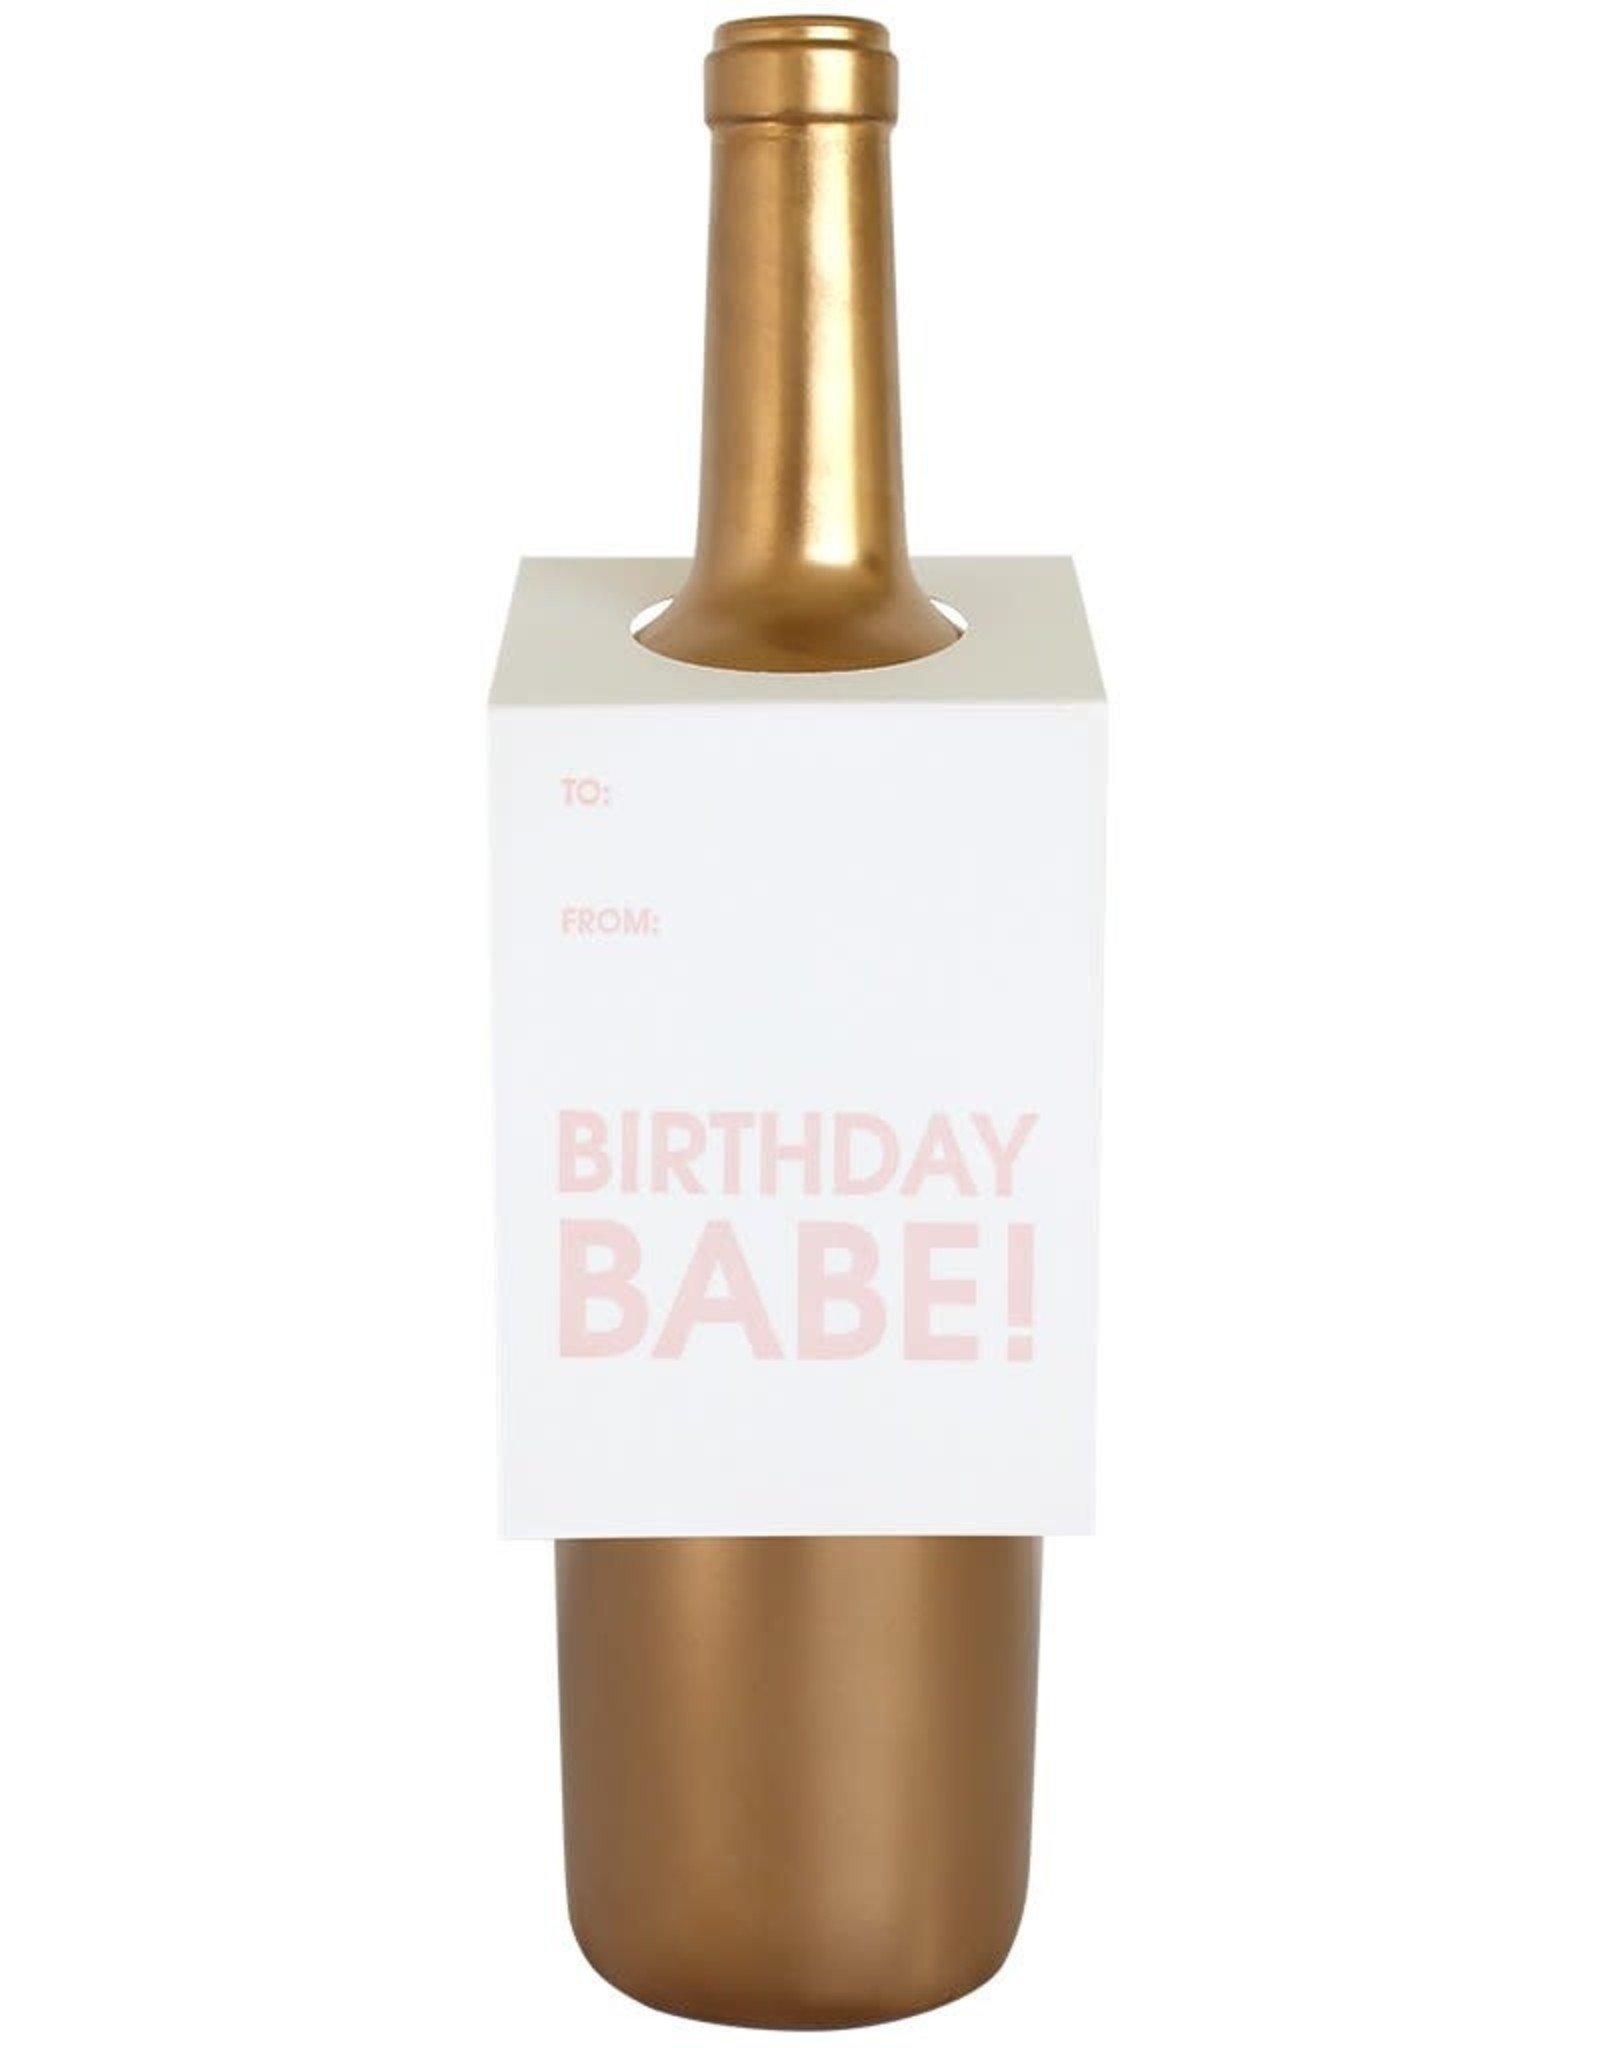 Birthday Babe Wine & Spirit Tag